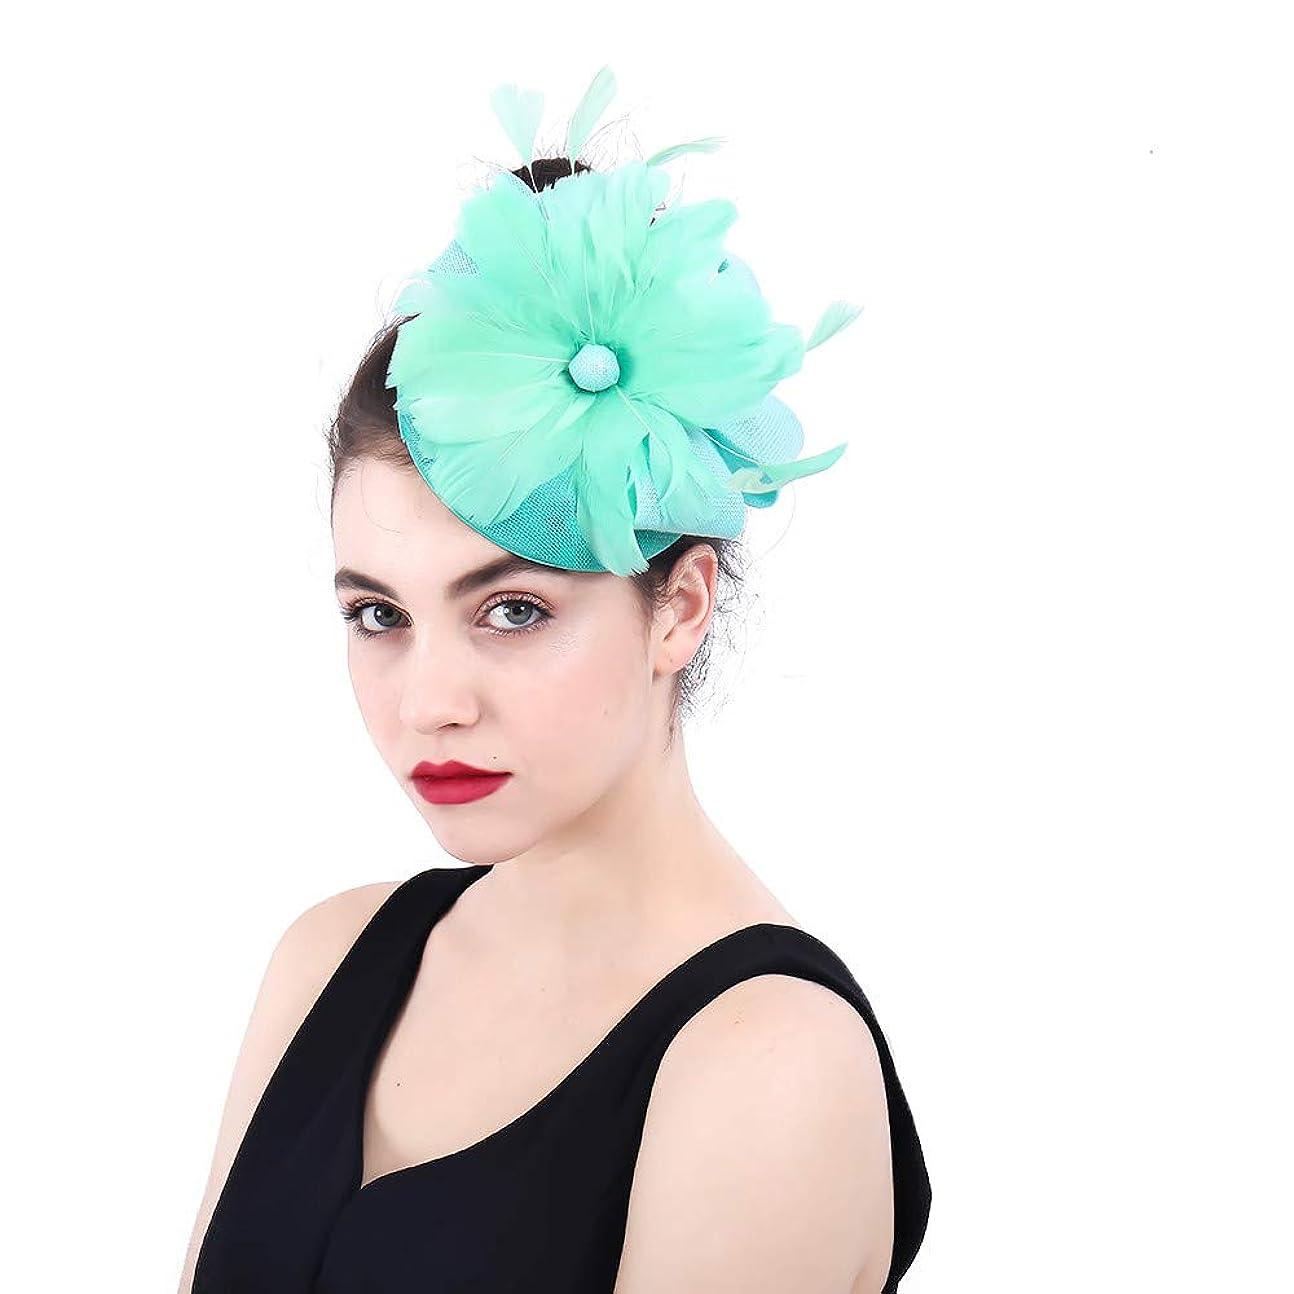 むしゃむしゃ知人分割女性の魅力的な帽子 女性のエレガントな魅惑的な帽子の羽の花の結婚式のヘアピンヘッドドレスロイヤルアスコットカクテルティーパーティー (色 : 青)